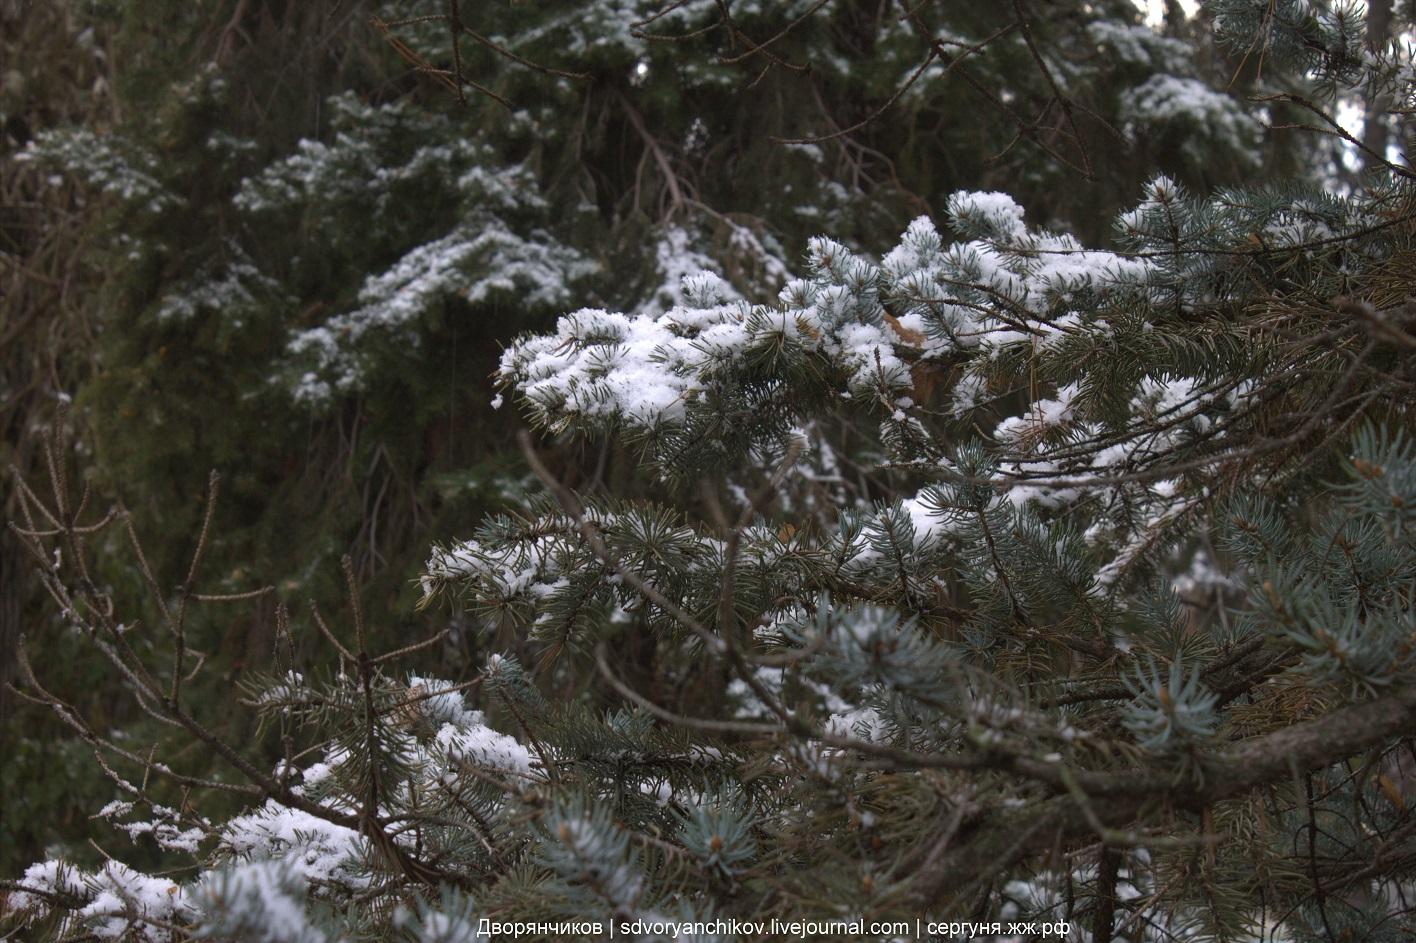 Первый снег во второй раз - Волжский - Парк ВГС - 2 ноября 2016